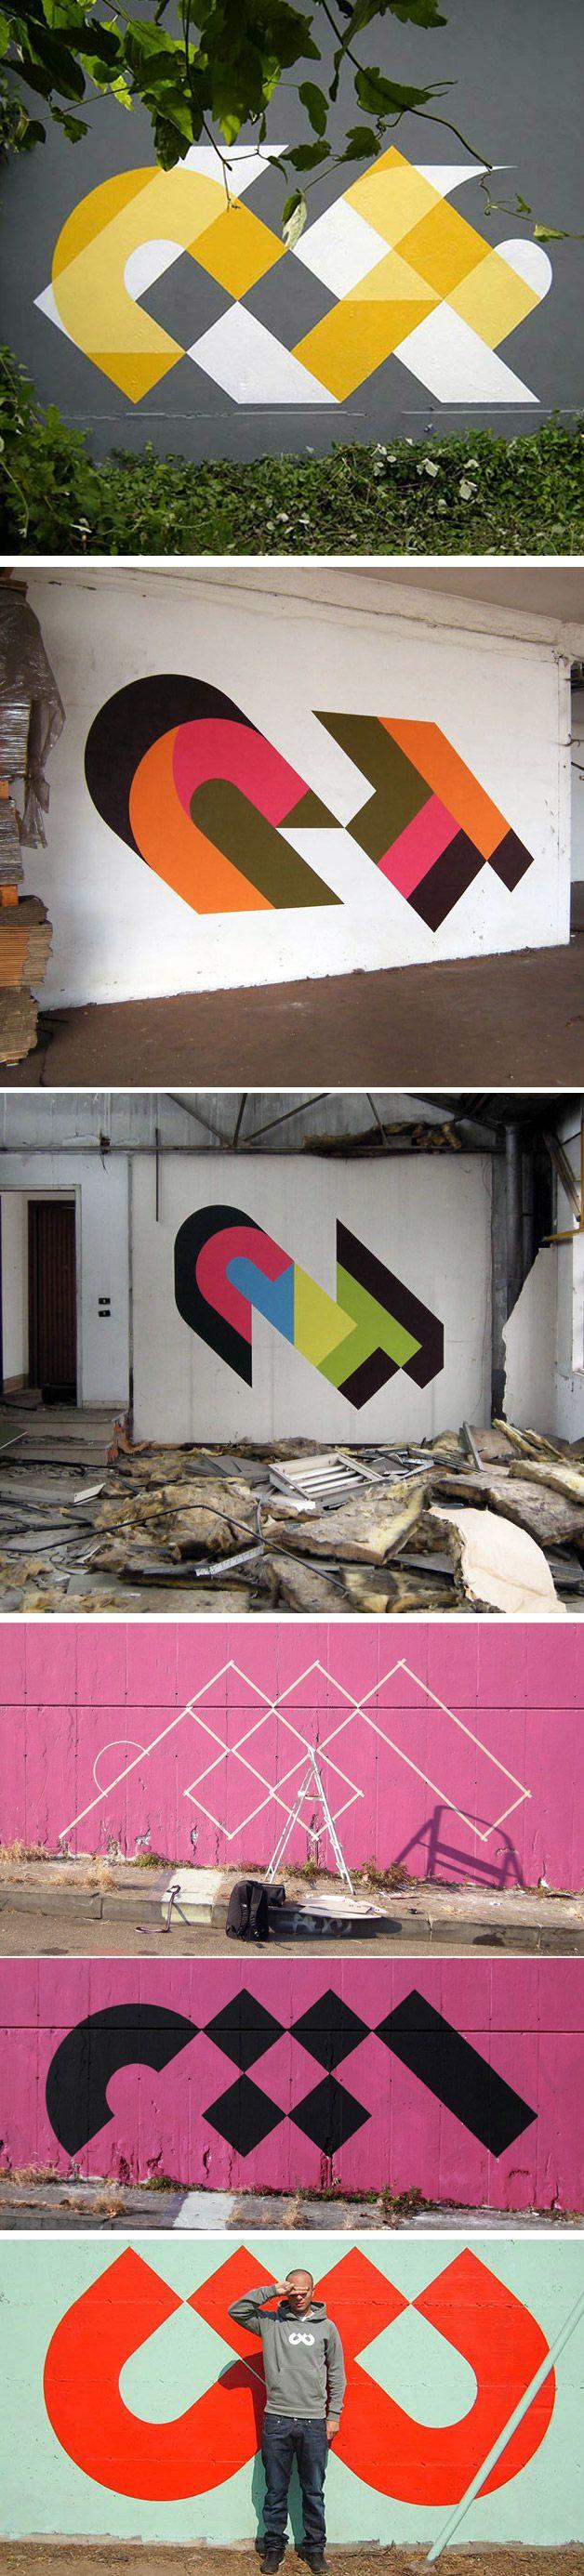 Não existe street art sem liberdade (física e de expressão).